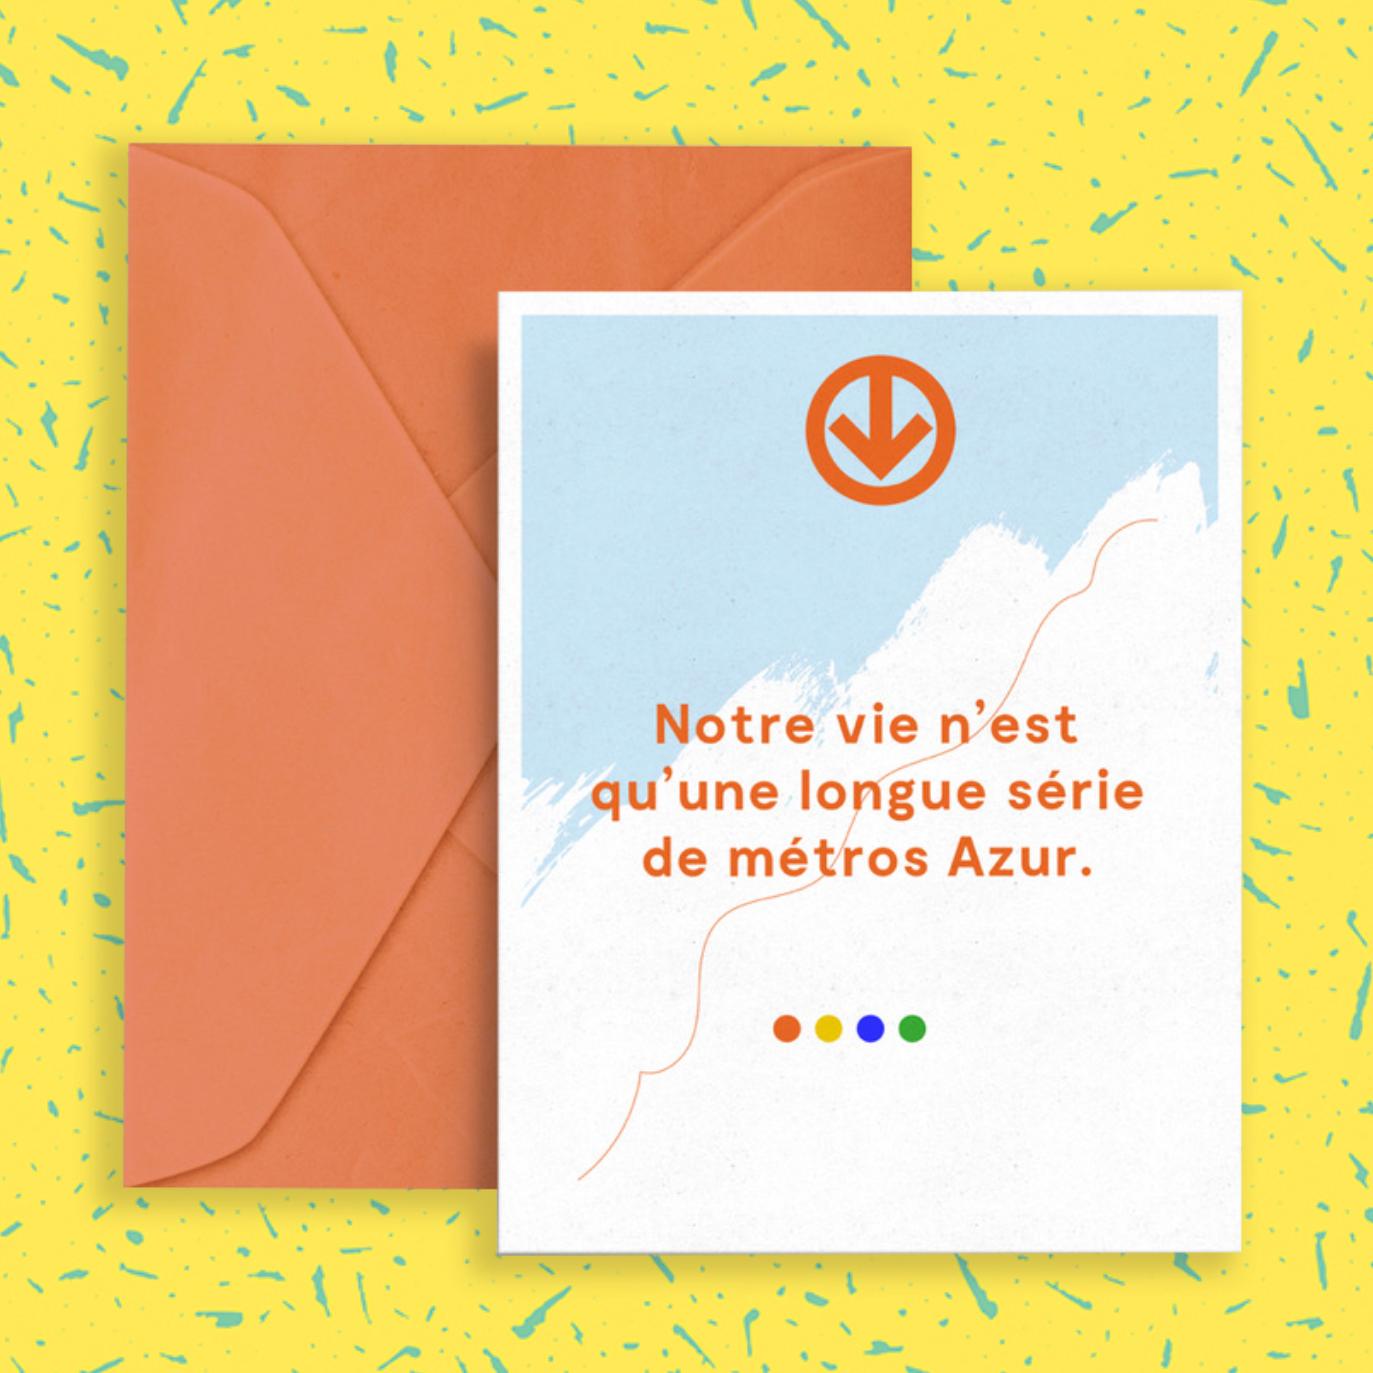 Les Sans-dessins   Notre vie n'est qu'une longue série de métros Azur